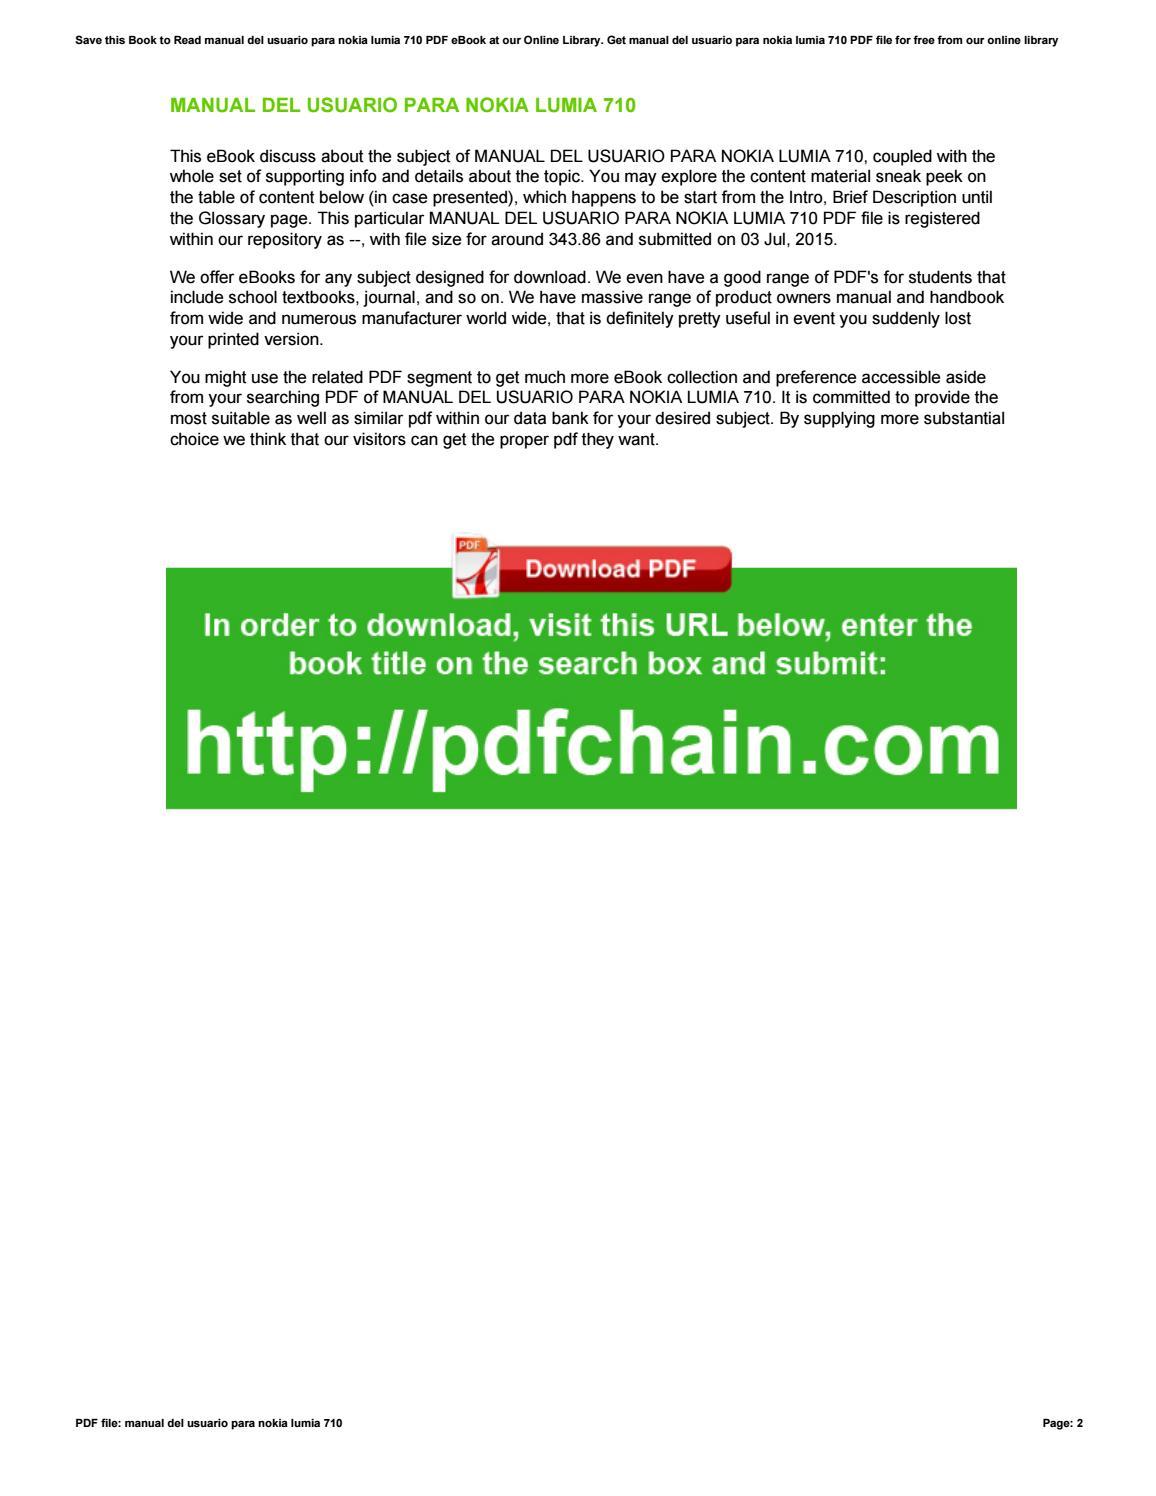 Чтение файлов pdf нокиа